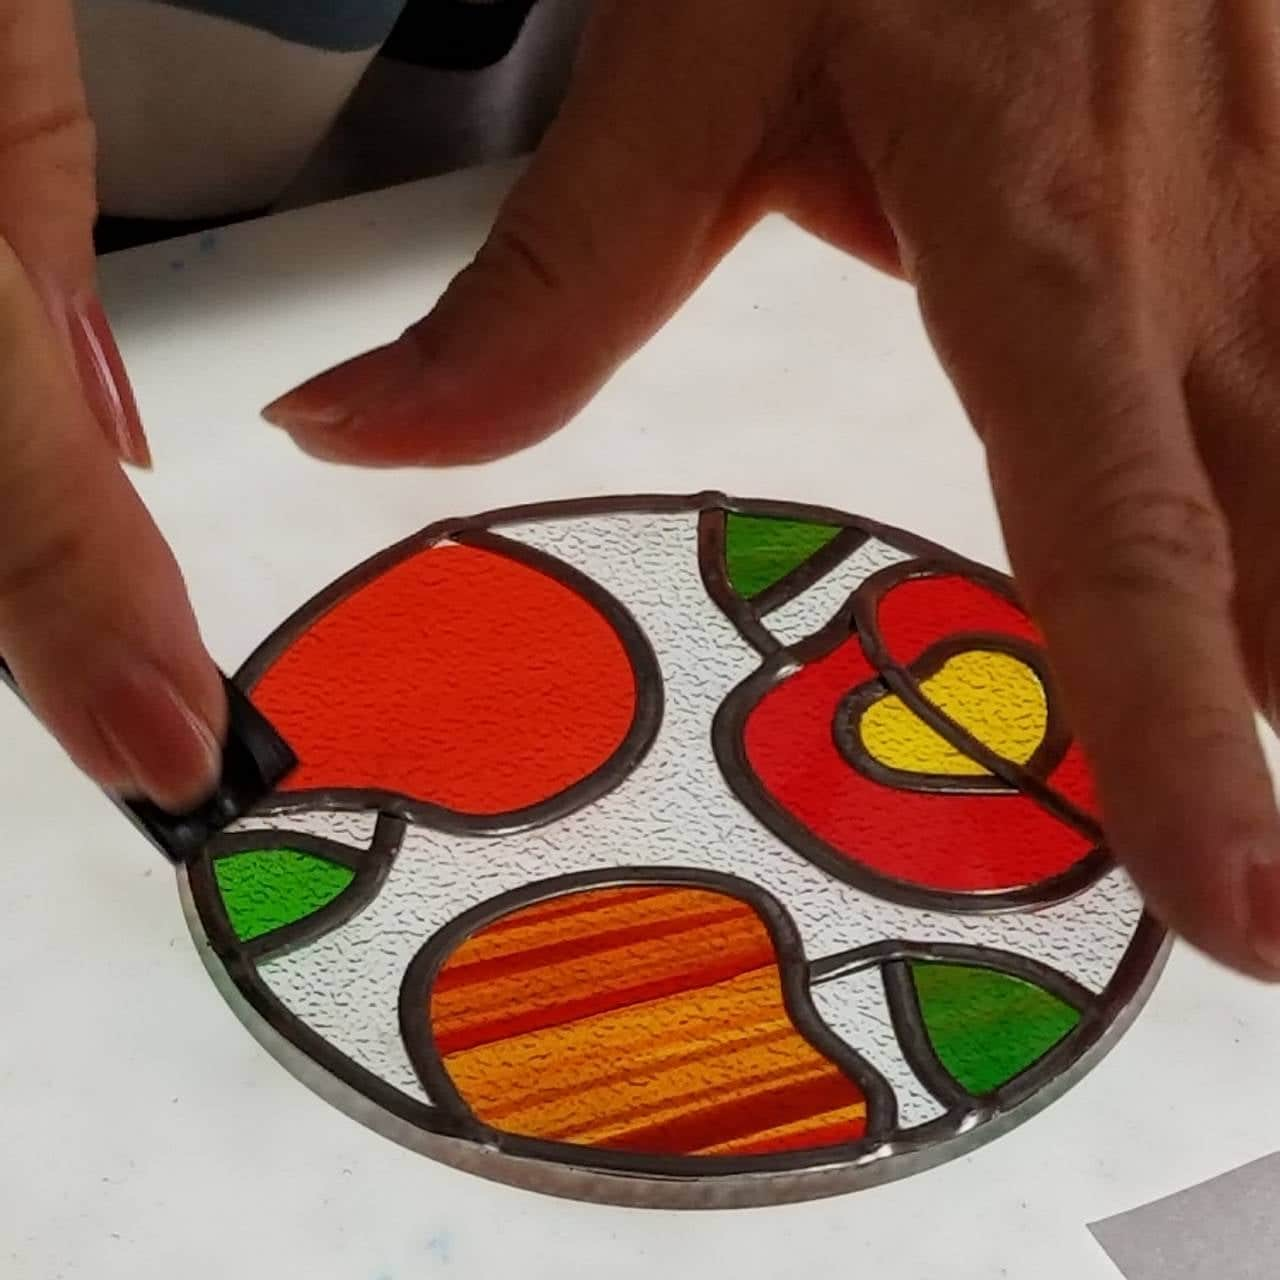 【グラスアート】【タイルクラフト】通常レッスンチケット(1回分・材料費別)のイメージその1